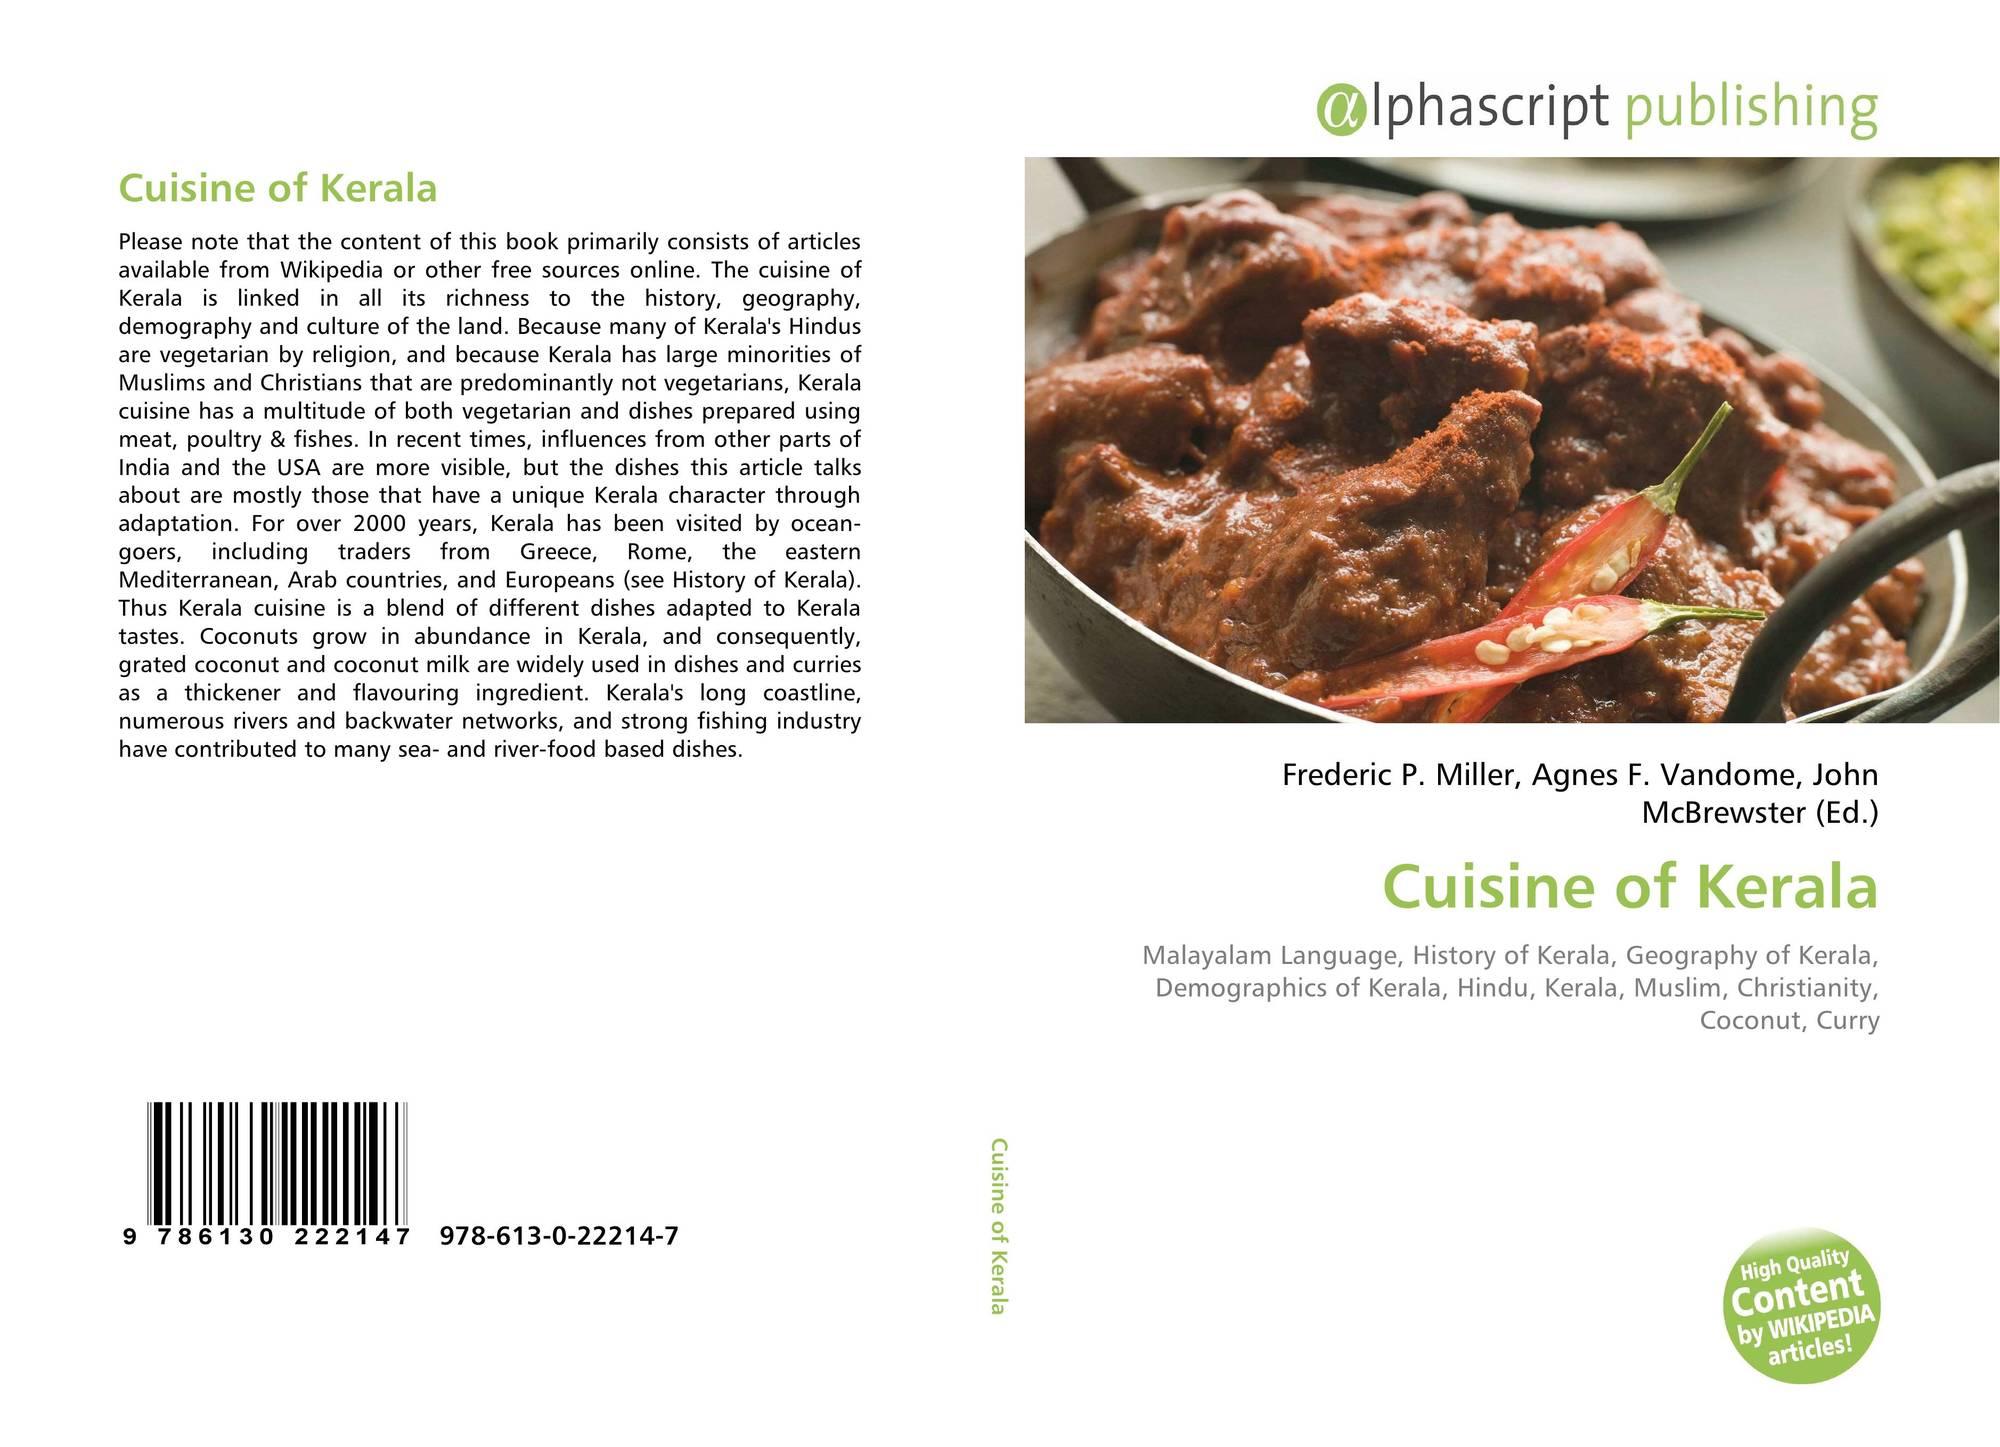 Cuisine of Kerala, 978-613-0-22214-7, 6130222149 ,9786130222147